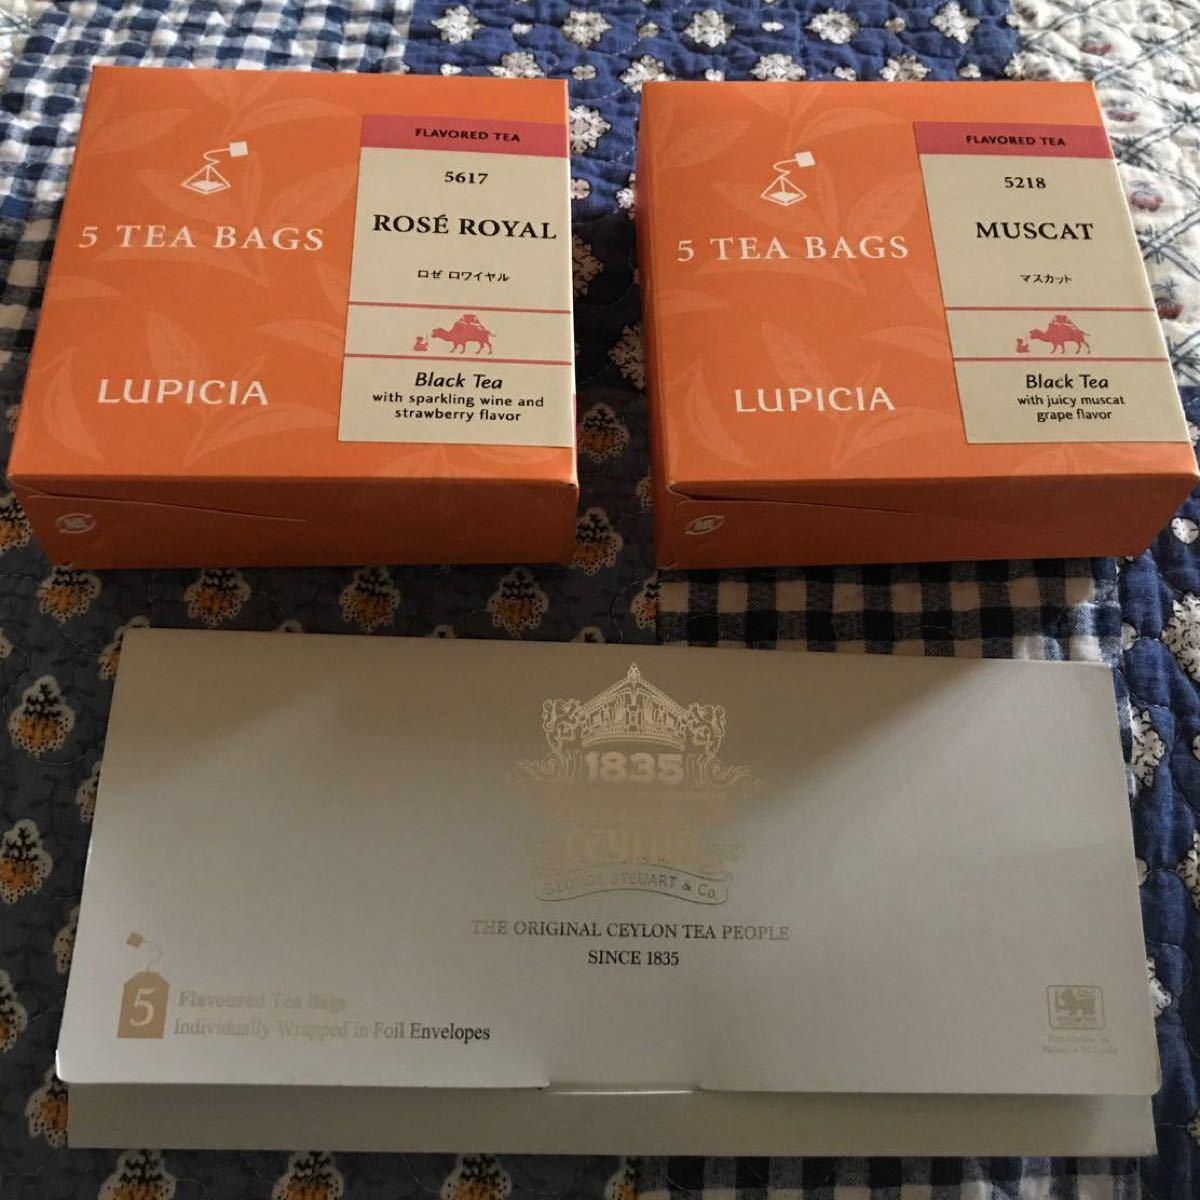 ルピシア 紅茶 二箱 ジョージスチュアートティー 5フレーバー